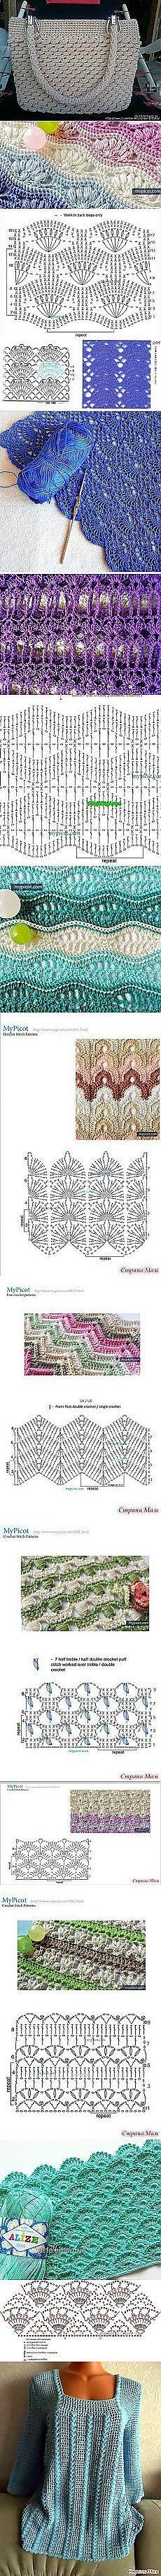 Pesquisa Postile: crochê padrões